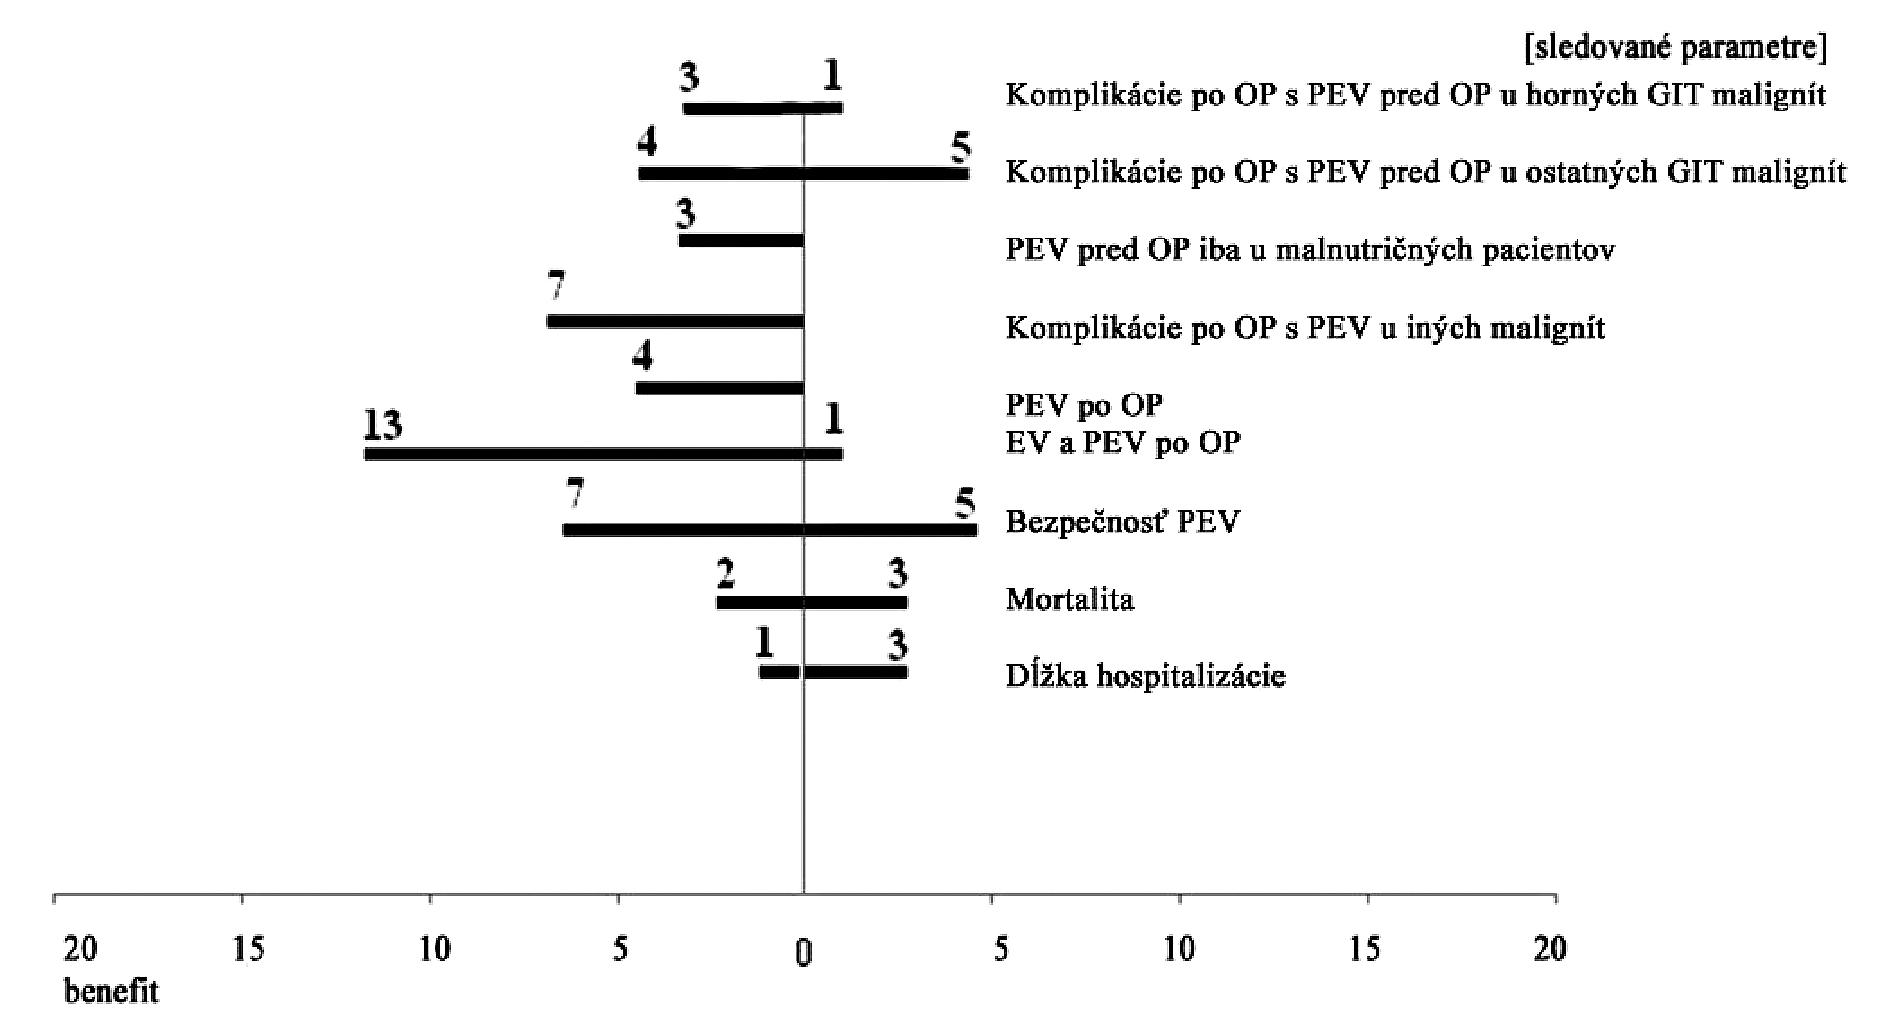 """Vyhodnotenie výsledkov štúdií s kľúčovým slovami """"Parenterálna výživa, predoperačná príprava, onkologická chirurgia"""" zahrnutých v databáze Pubmed z rokov 1997–2006"""